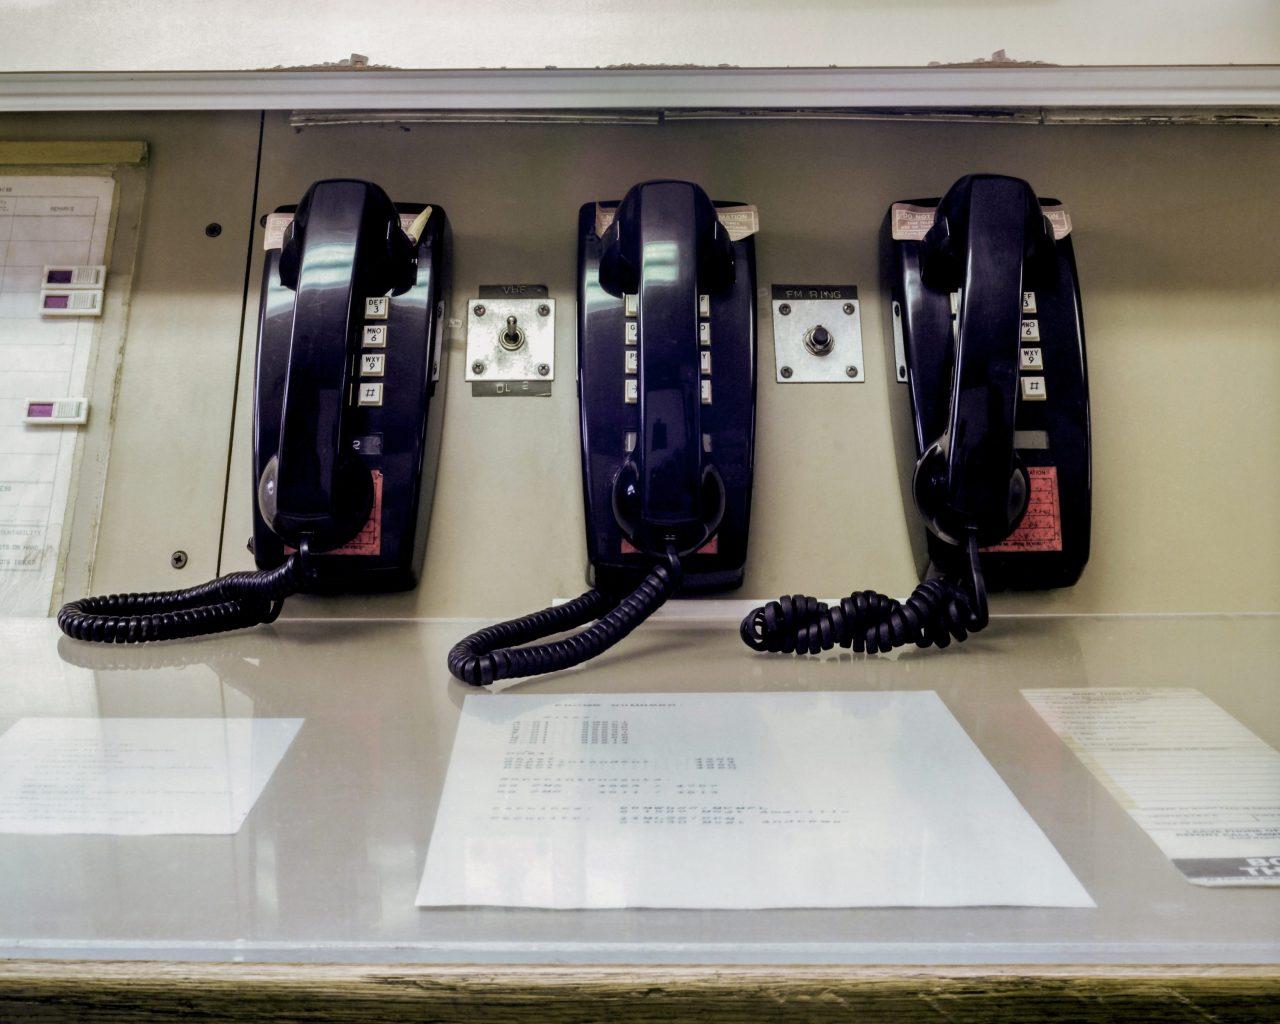 Row of telephones